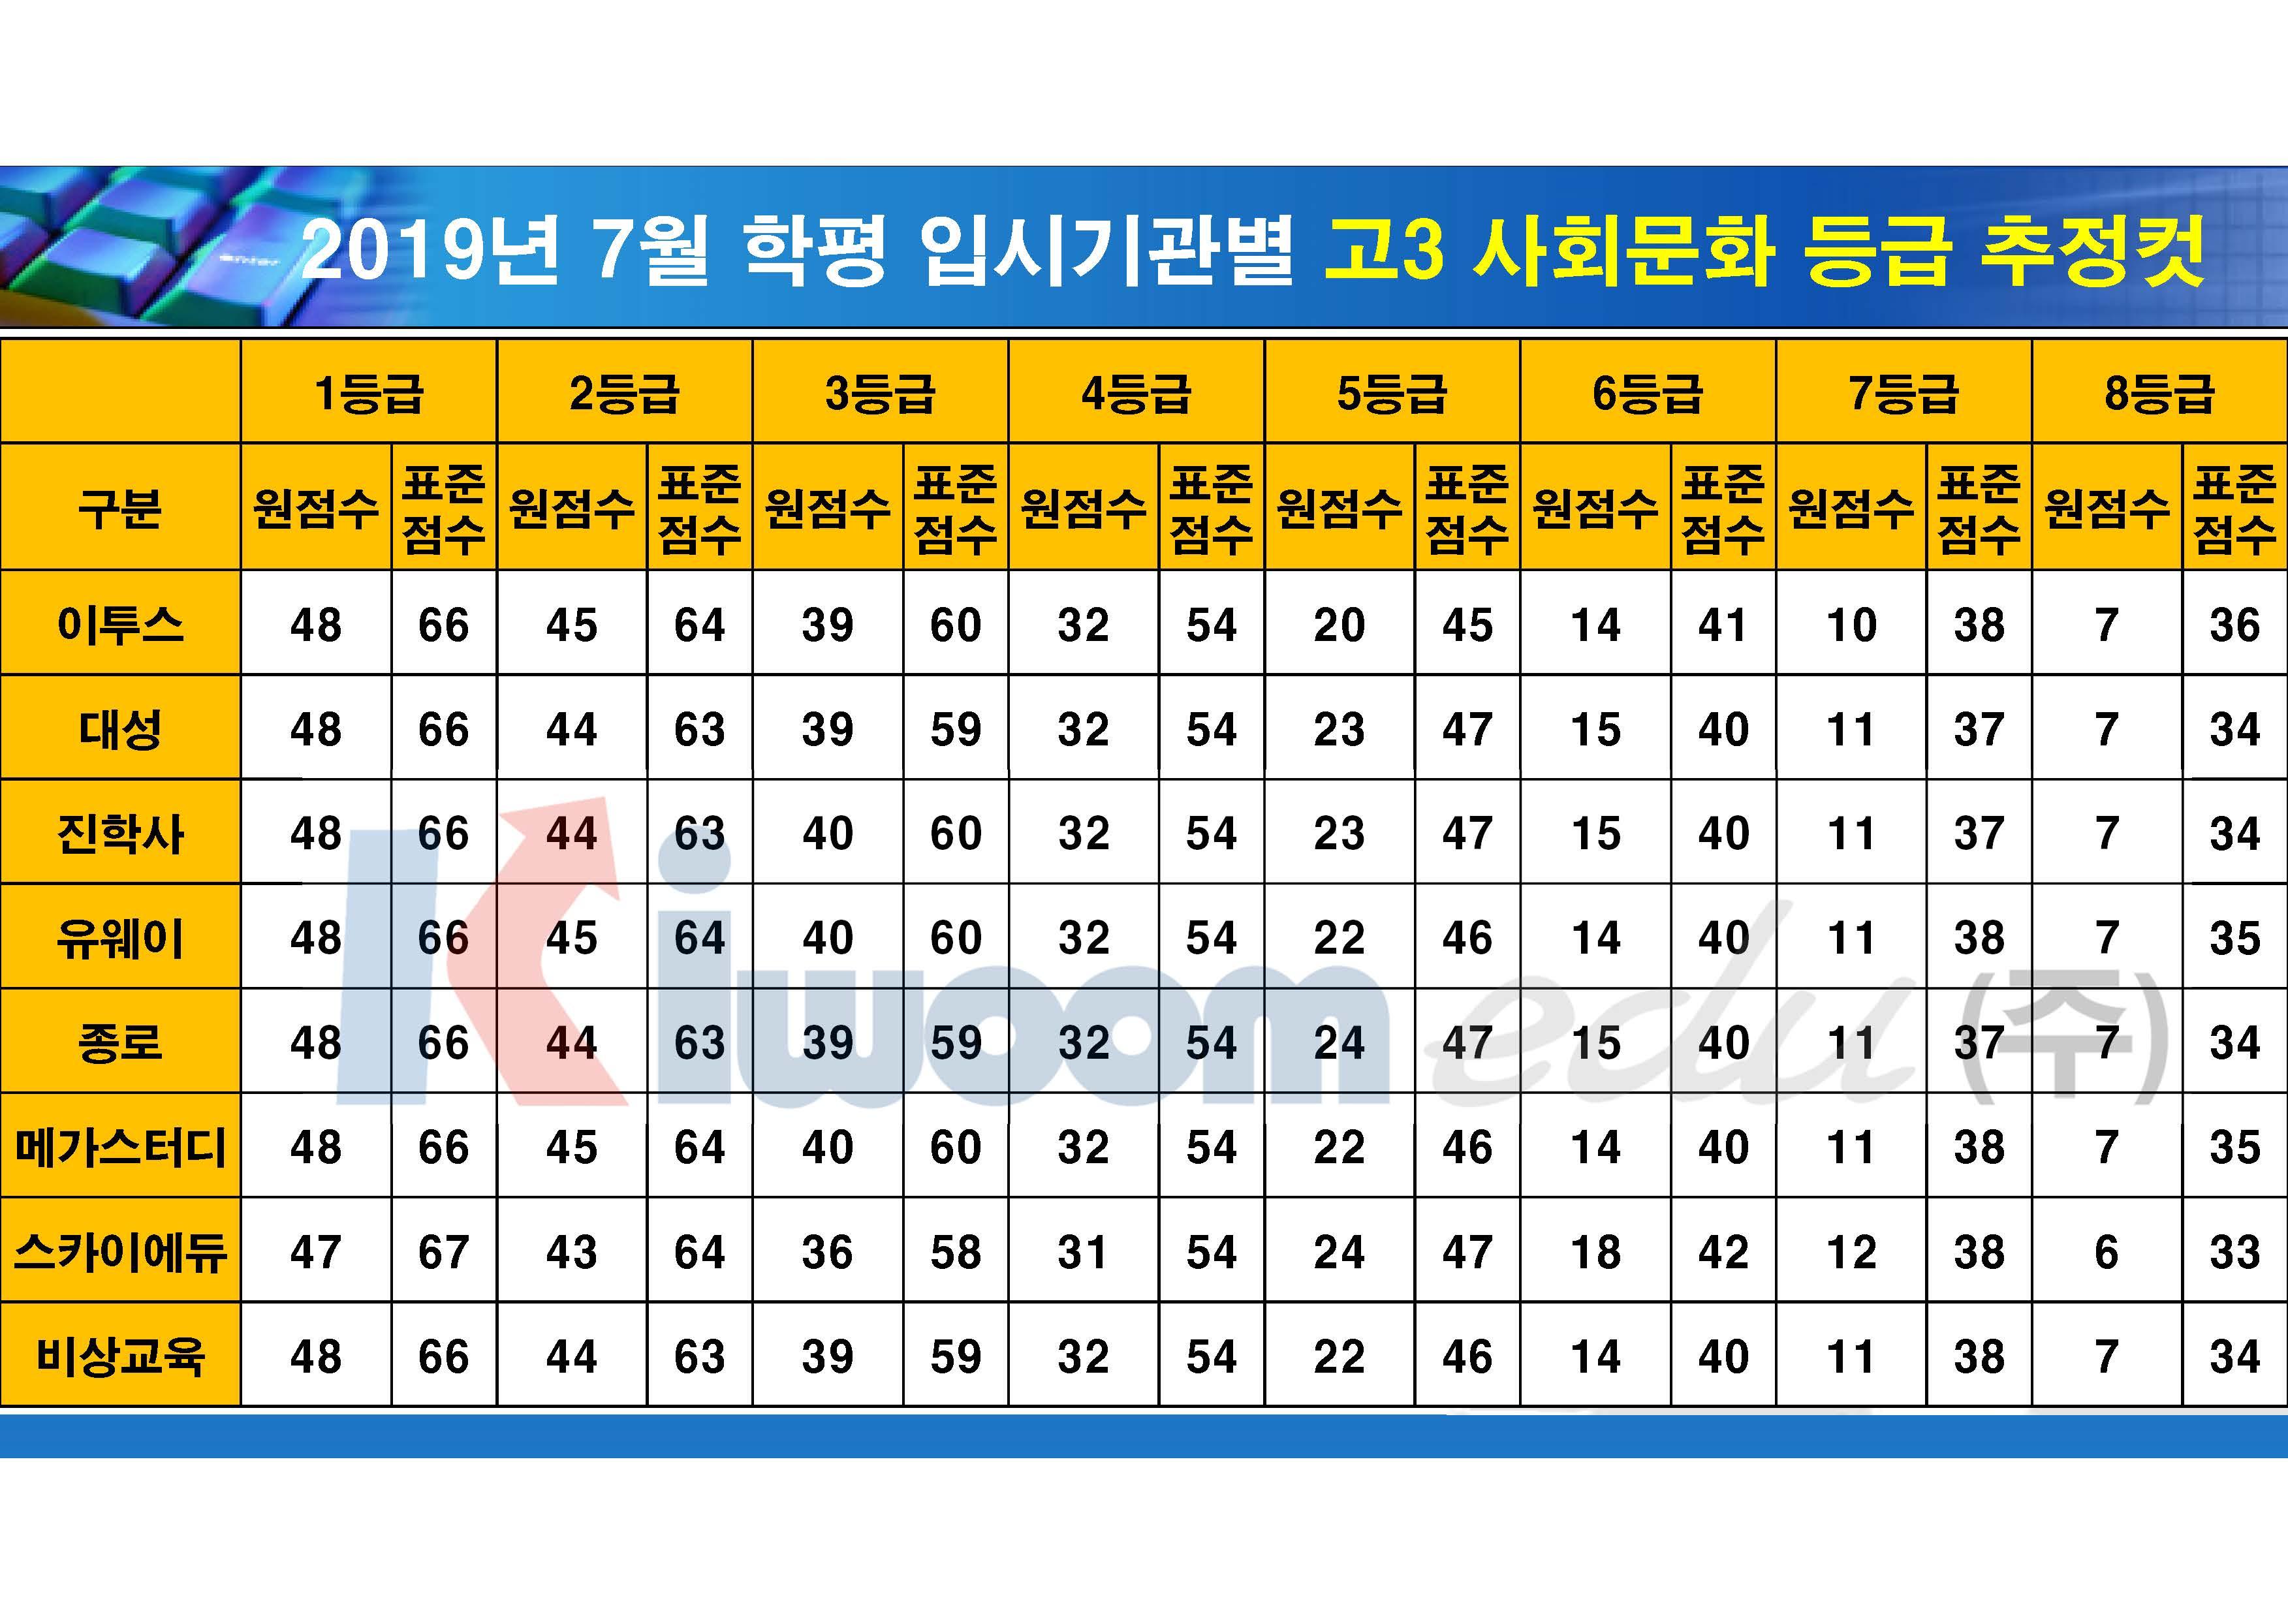 2019 7월 모의고사 입시기관별 등급컷(고3)_20190711_안지훈#1(16시 30분 기준)_Page_14.jpg